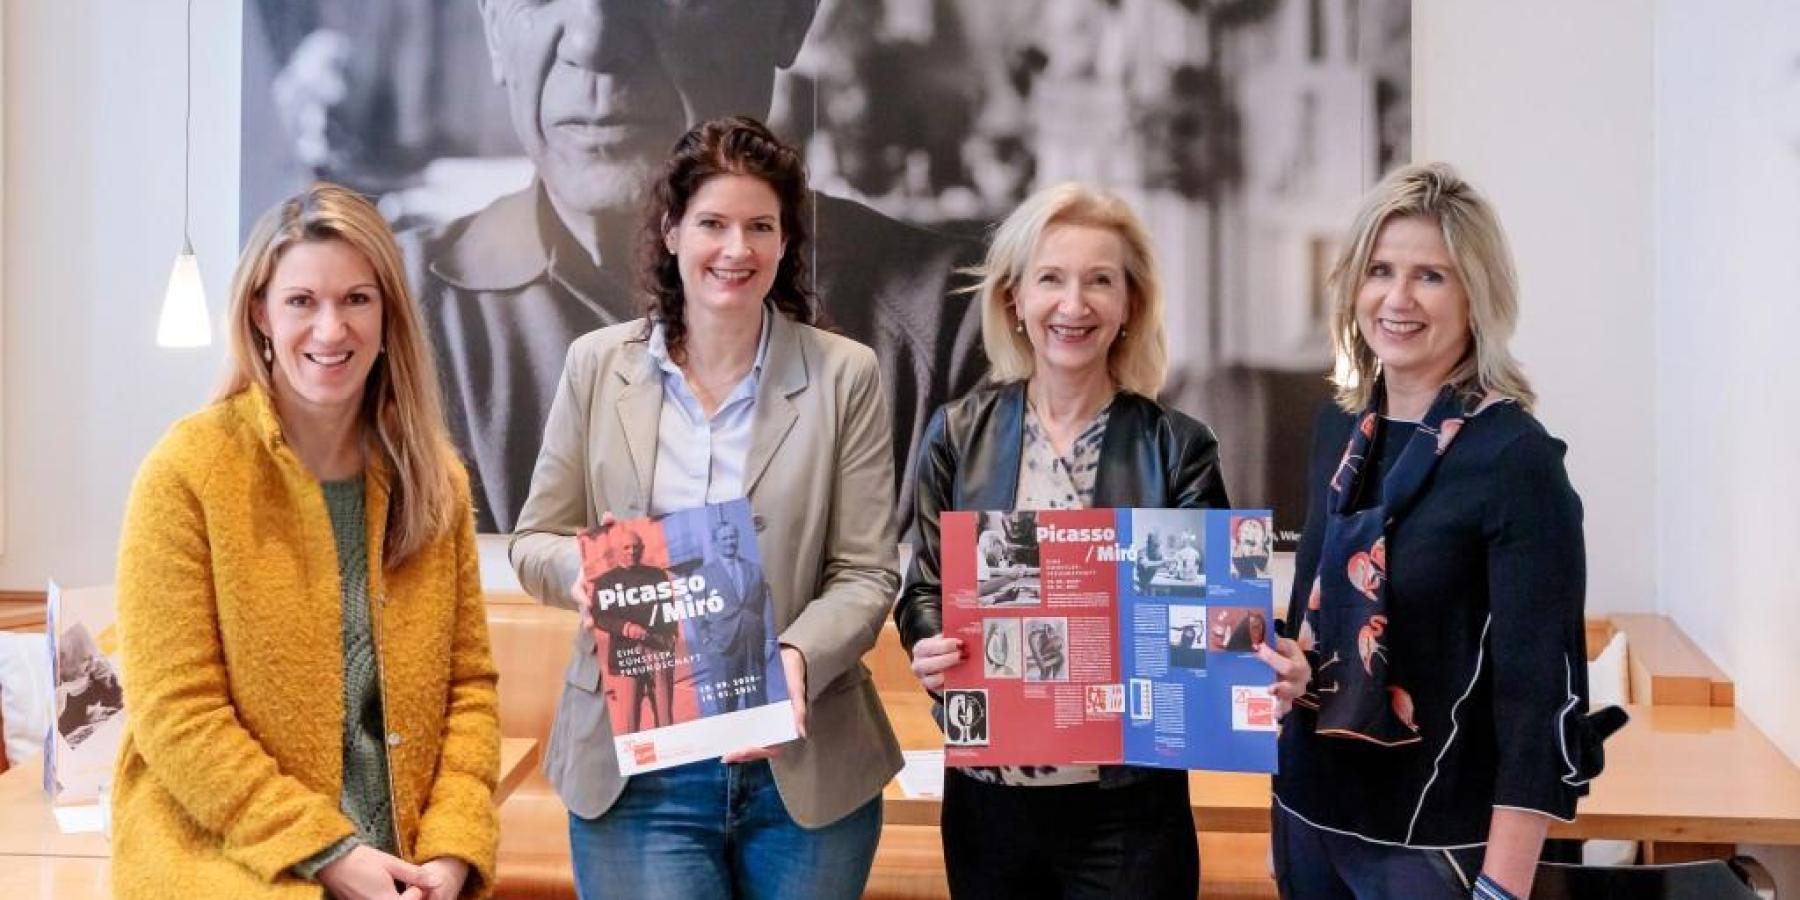 Picasso lädt zur Reise nach Münster ein